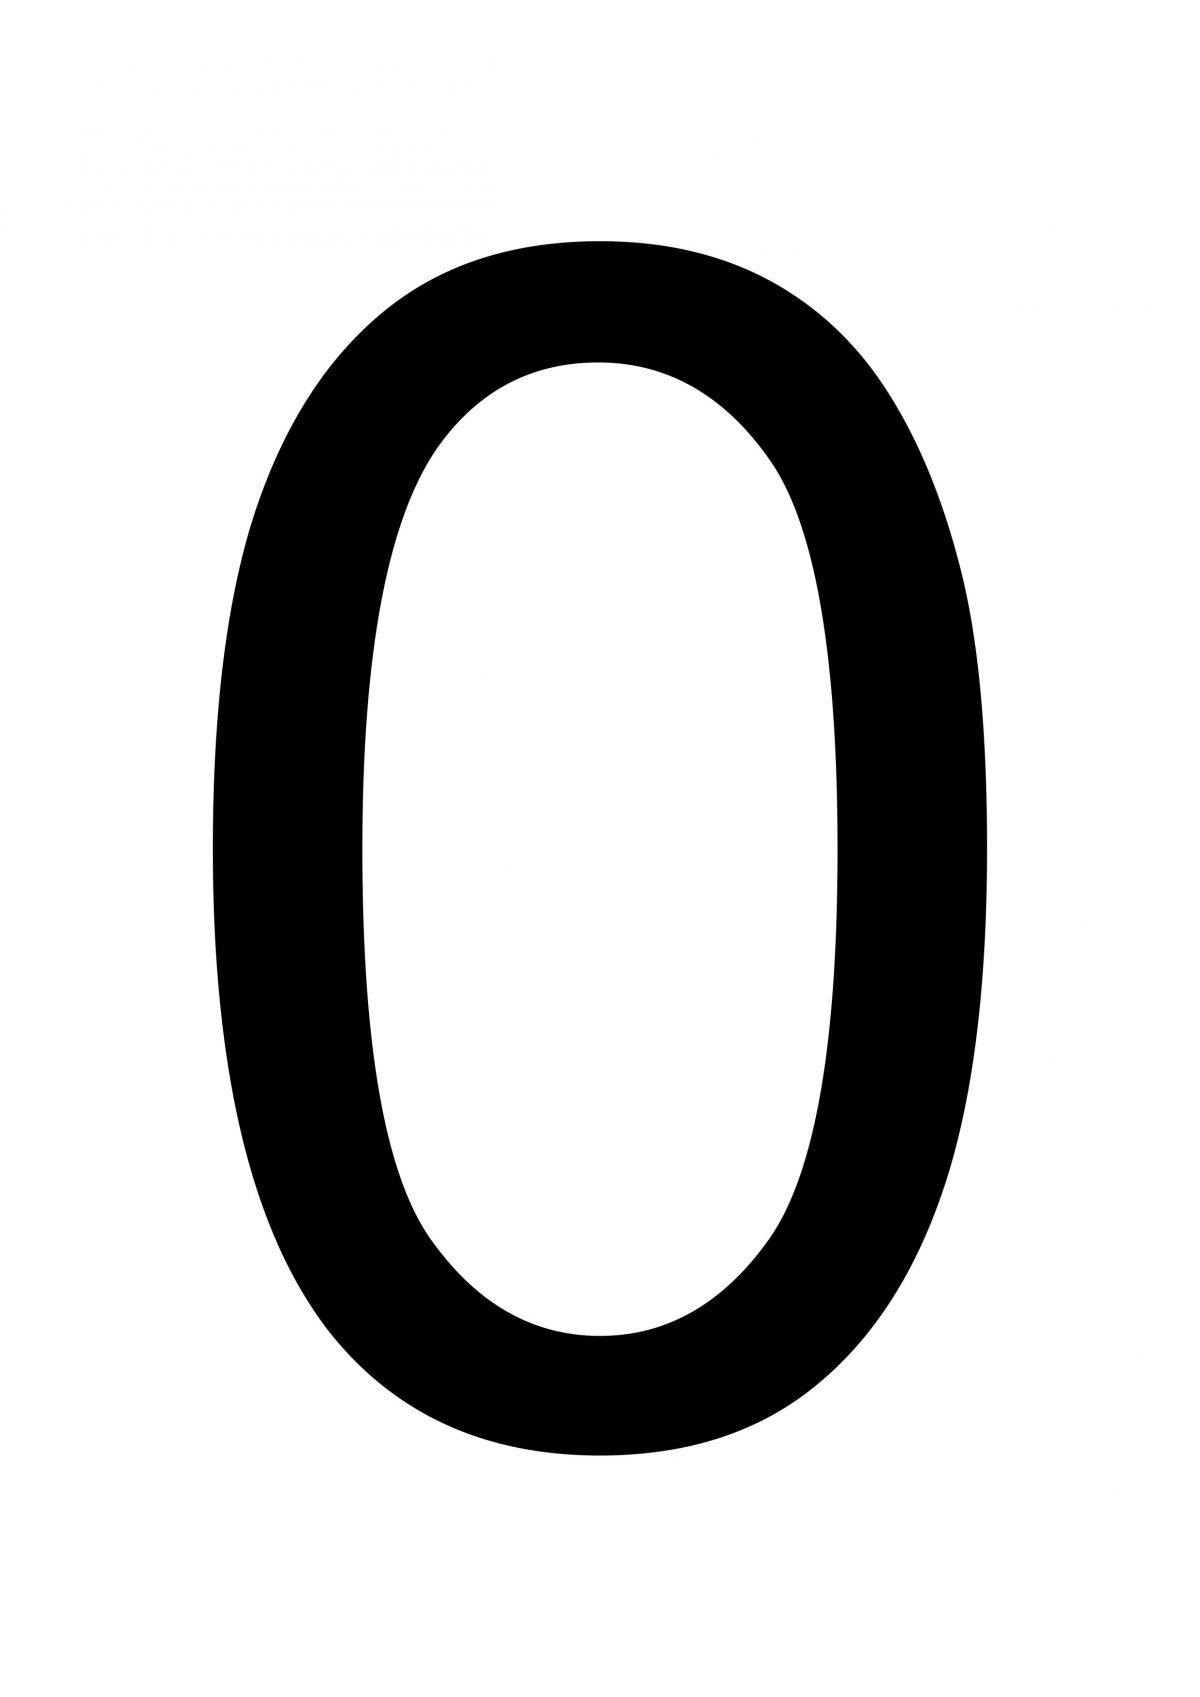 Printable Number 0